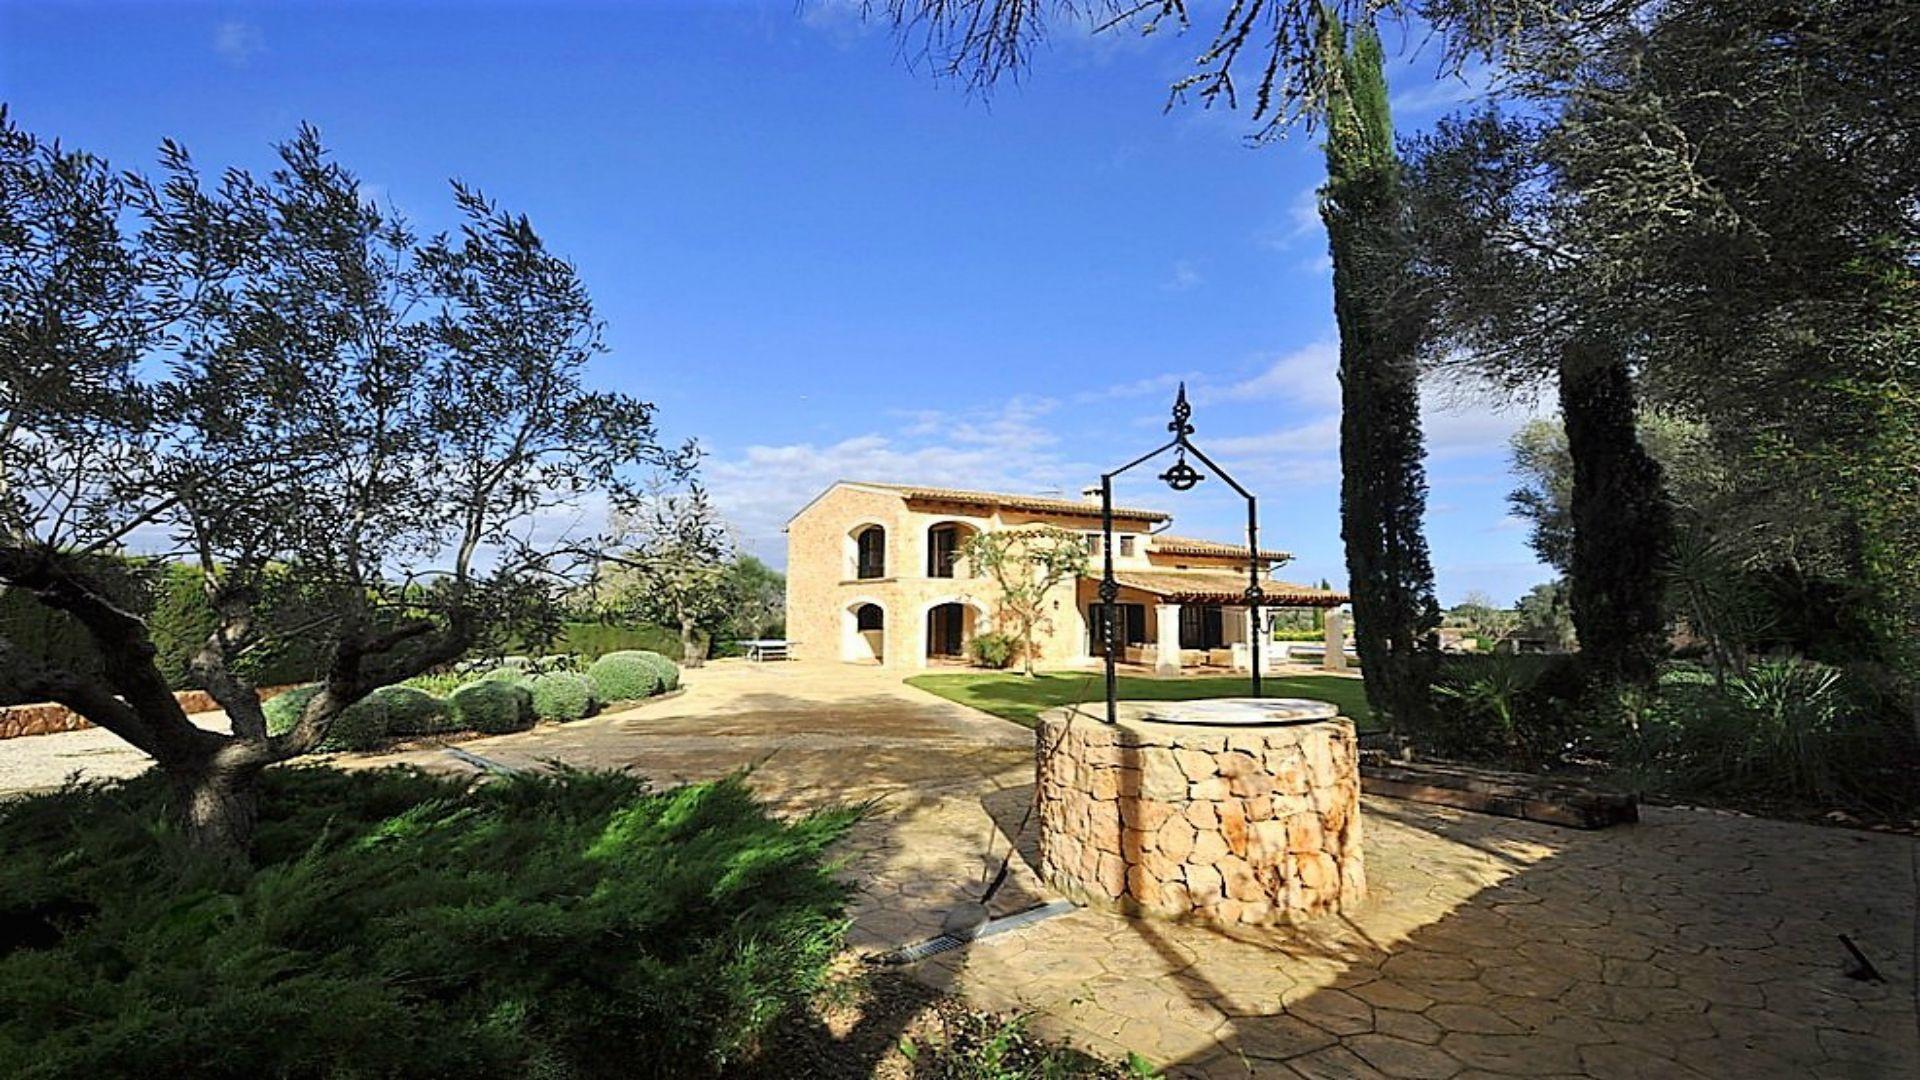 Ferienhaus mit Privatpool für 10 Personen ca 300 m² in Algaida Mallorca Binnenland von Mallorca